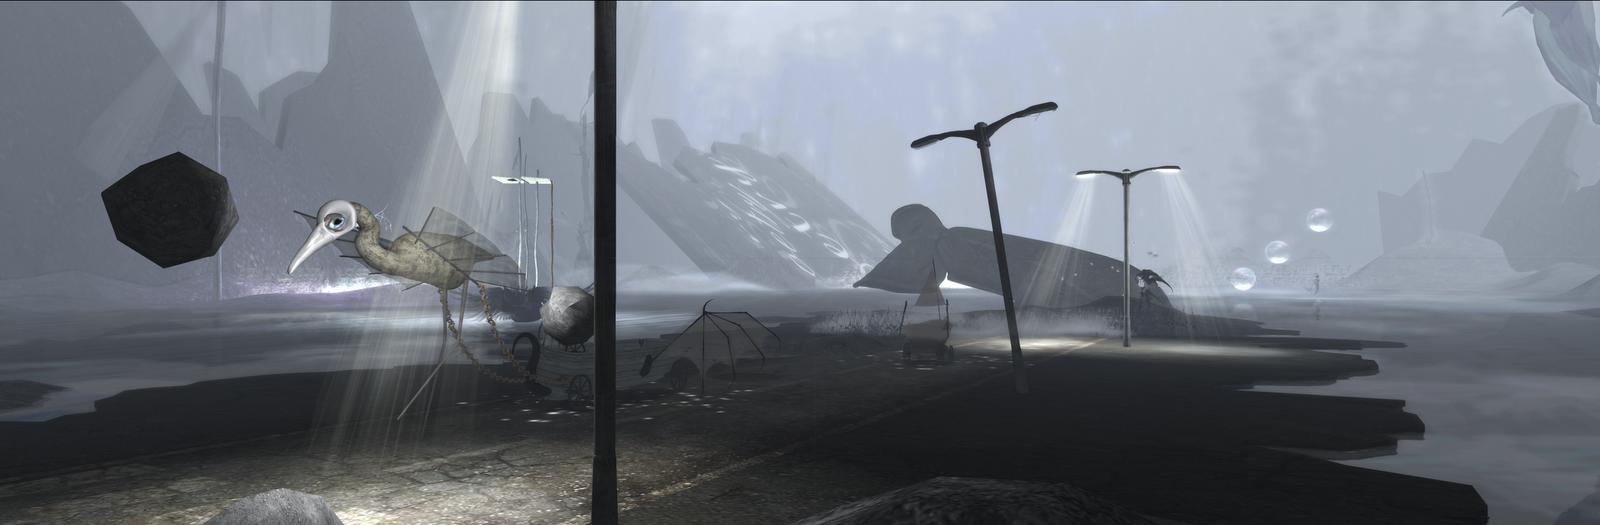 ciutats-invisibles-3